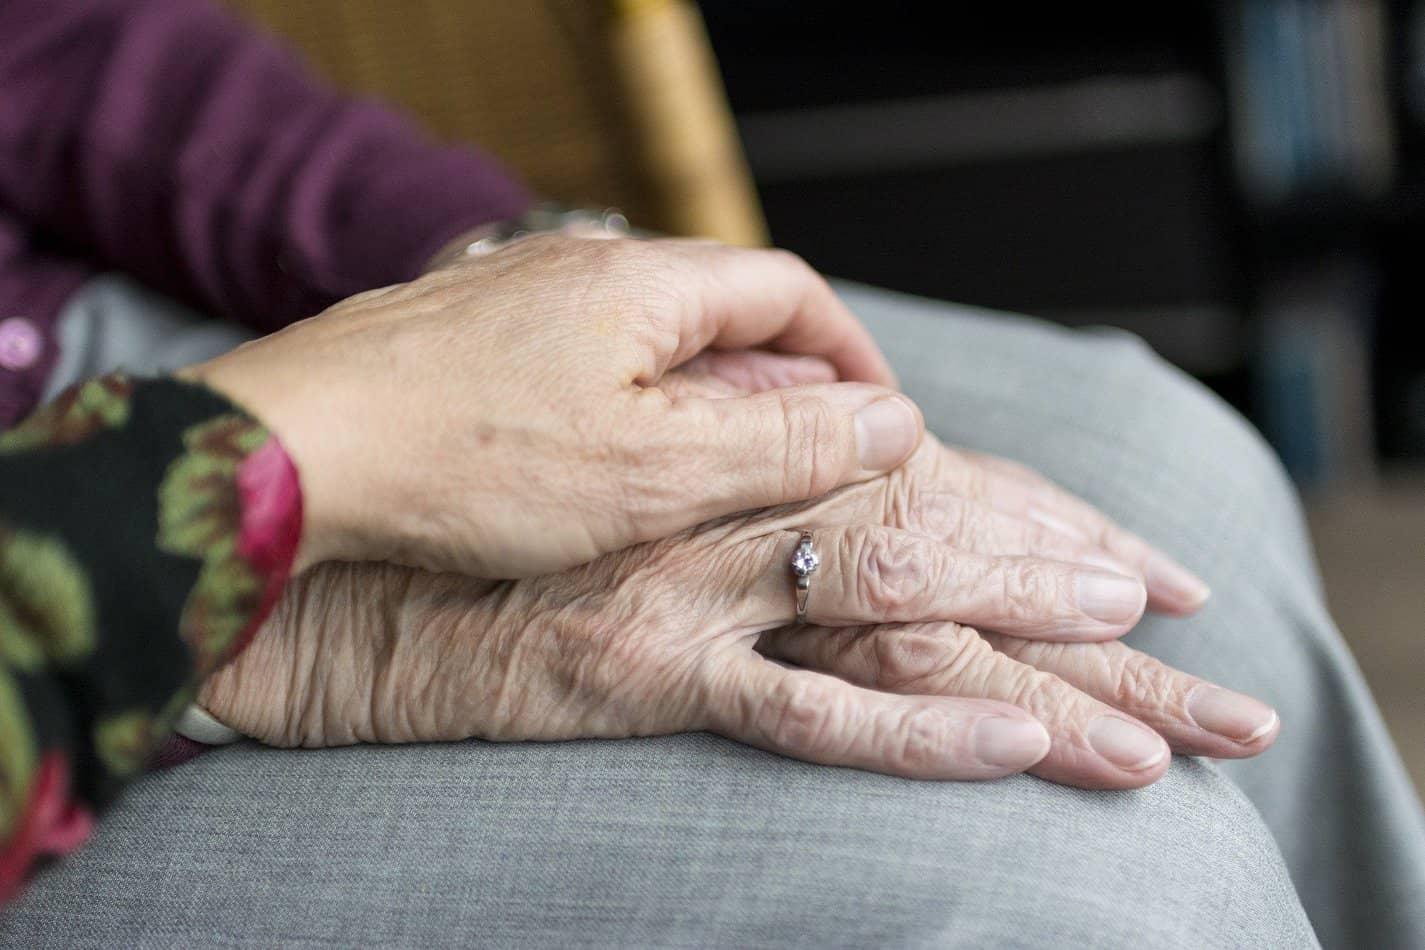 massage chair for elderly